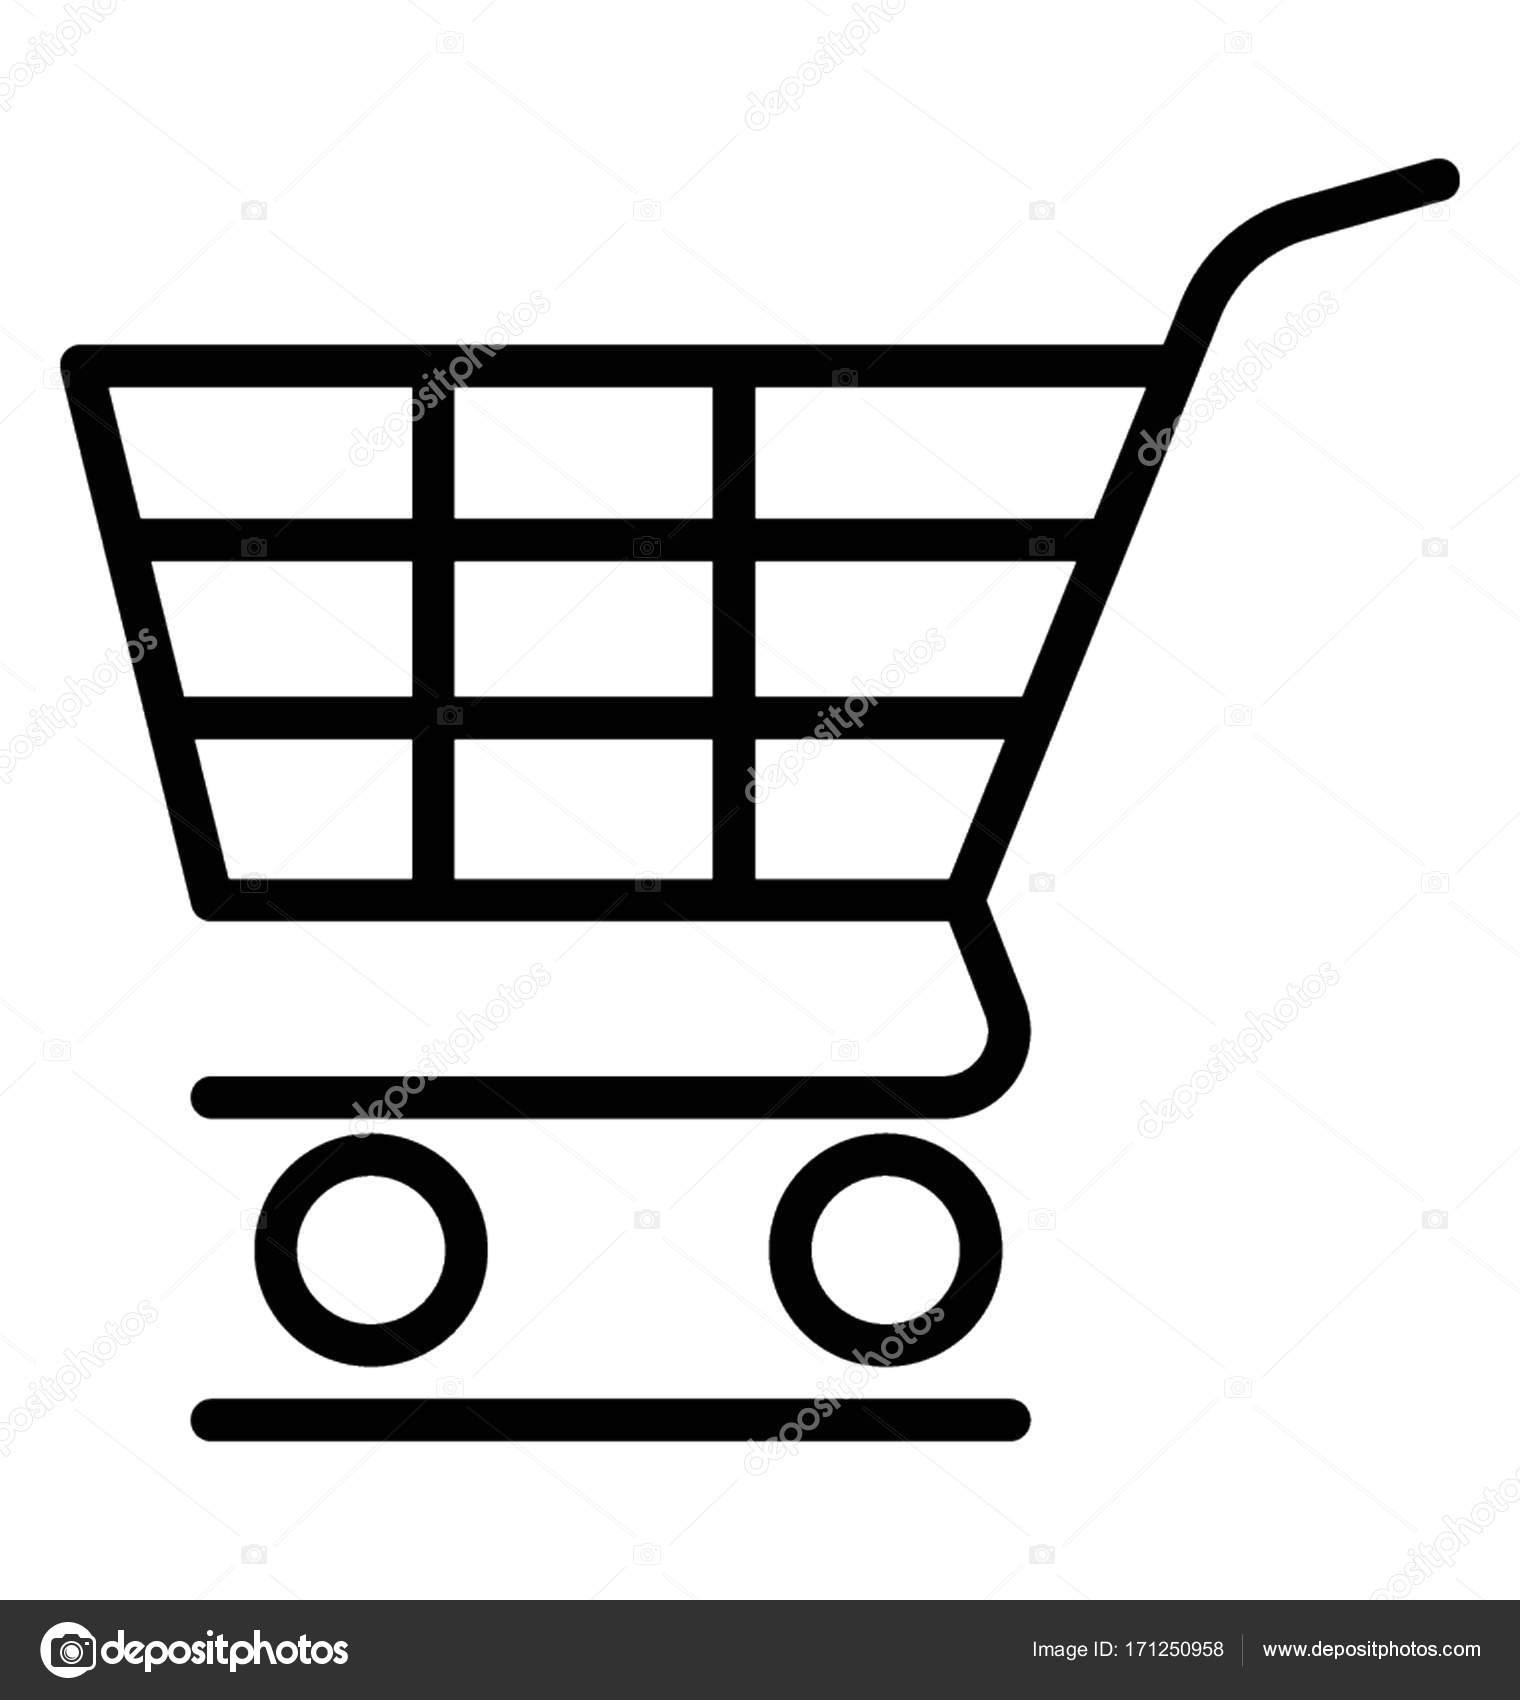 shopping cart vector icon stock vector vectorsmarket 171250958 rh depositphotos com shopping cart vector icon shopping cart vector icon